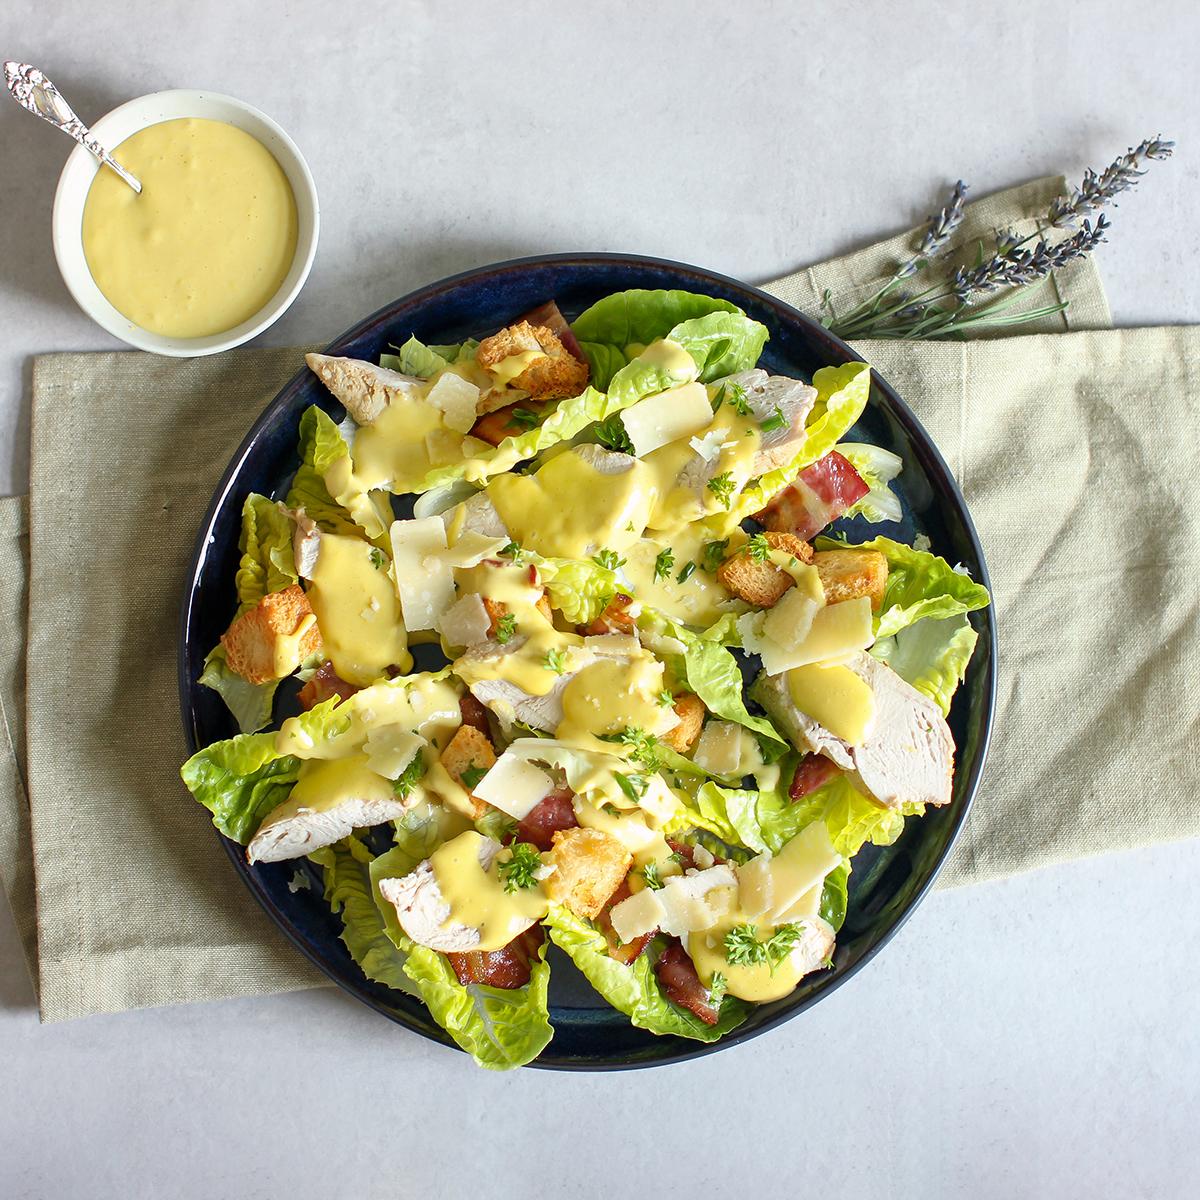 cæsarsalat med kylling og cæsardressing